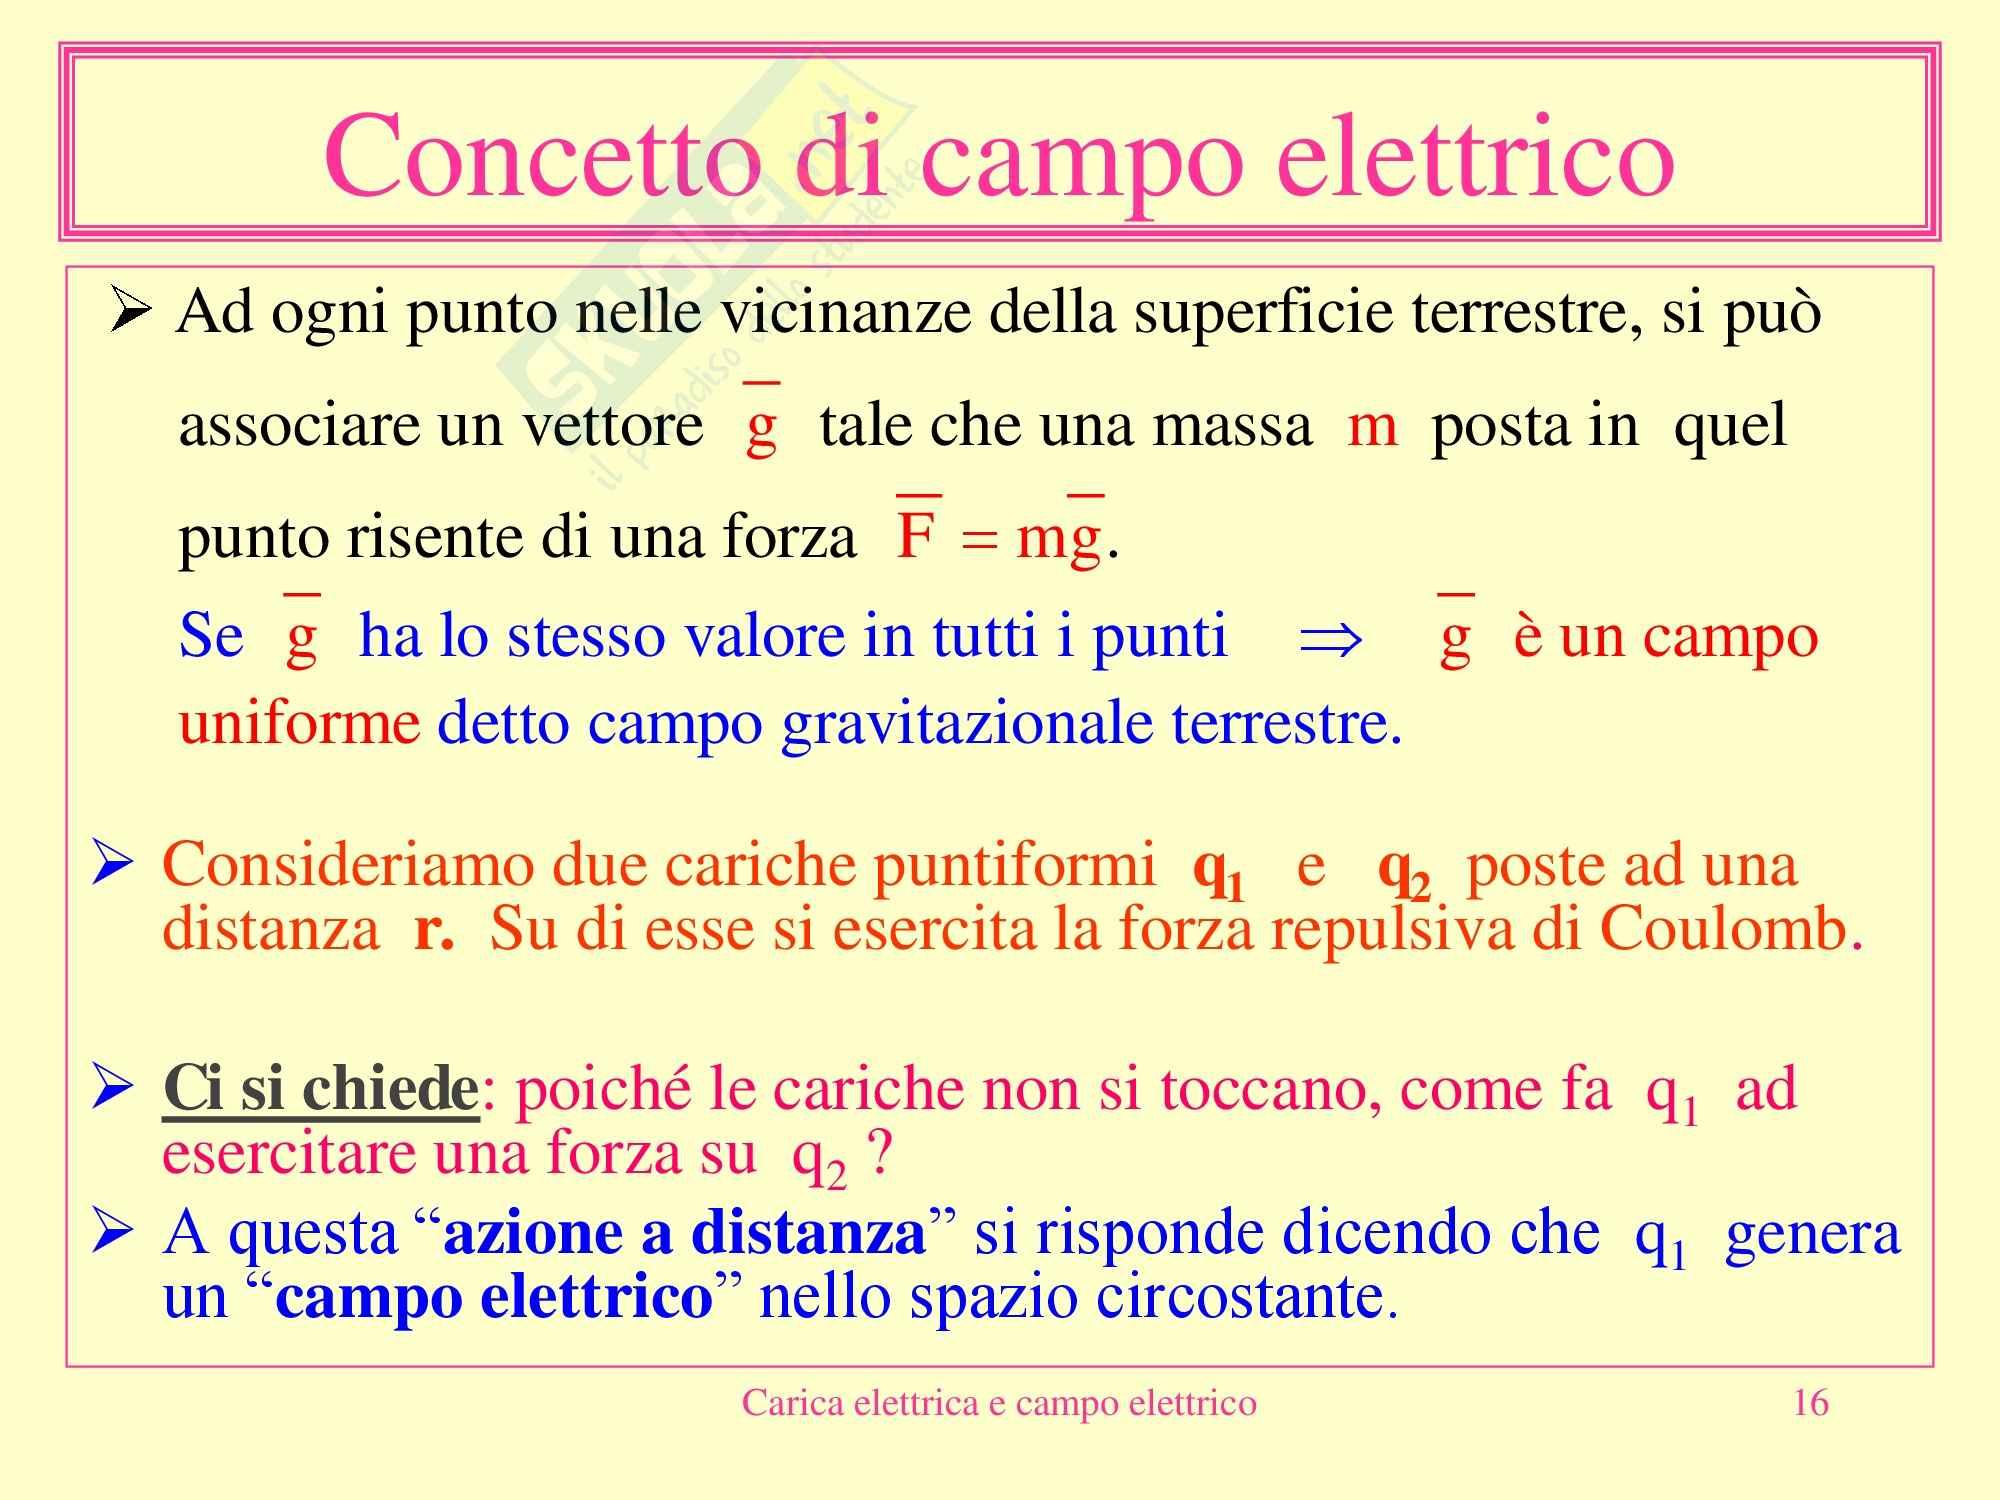 Fisica medica - Carica elettrica e campo elettrico Pag. 16